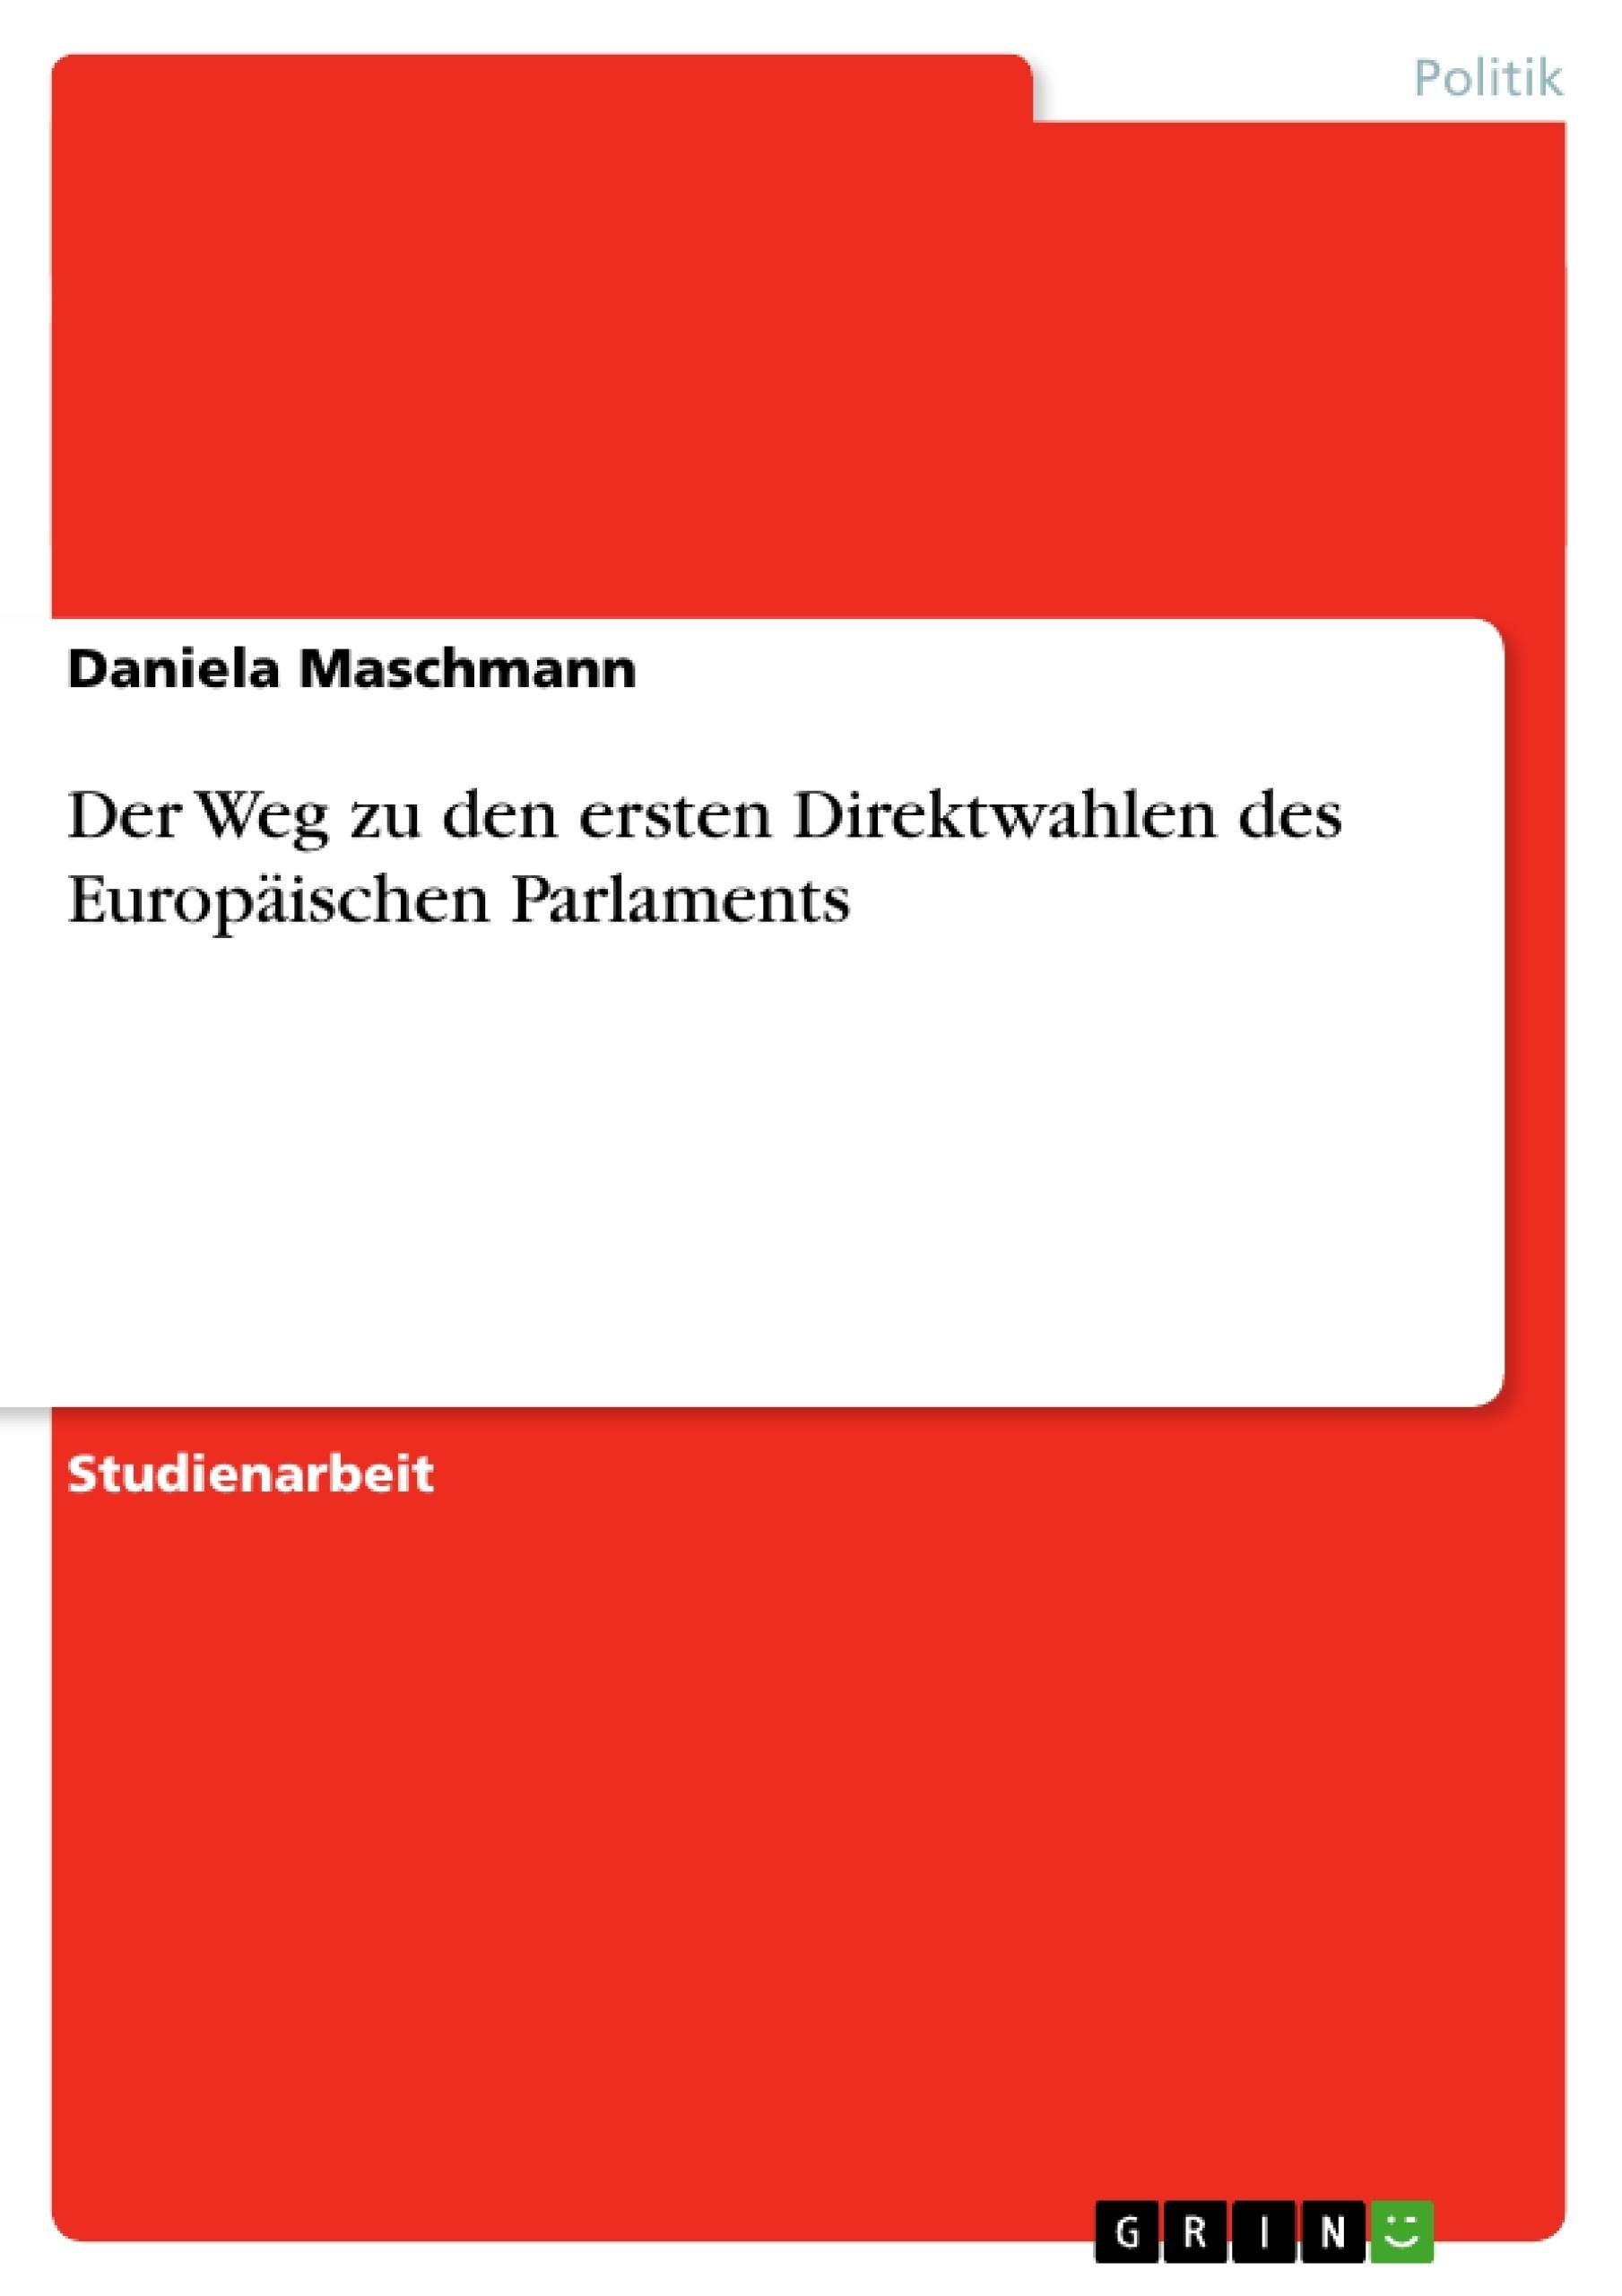 Titel: Der Weg zu den ersten Direktwahlen des Europäischen Parlaments